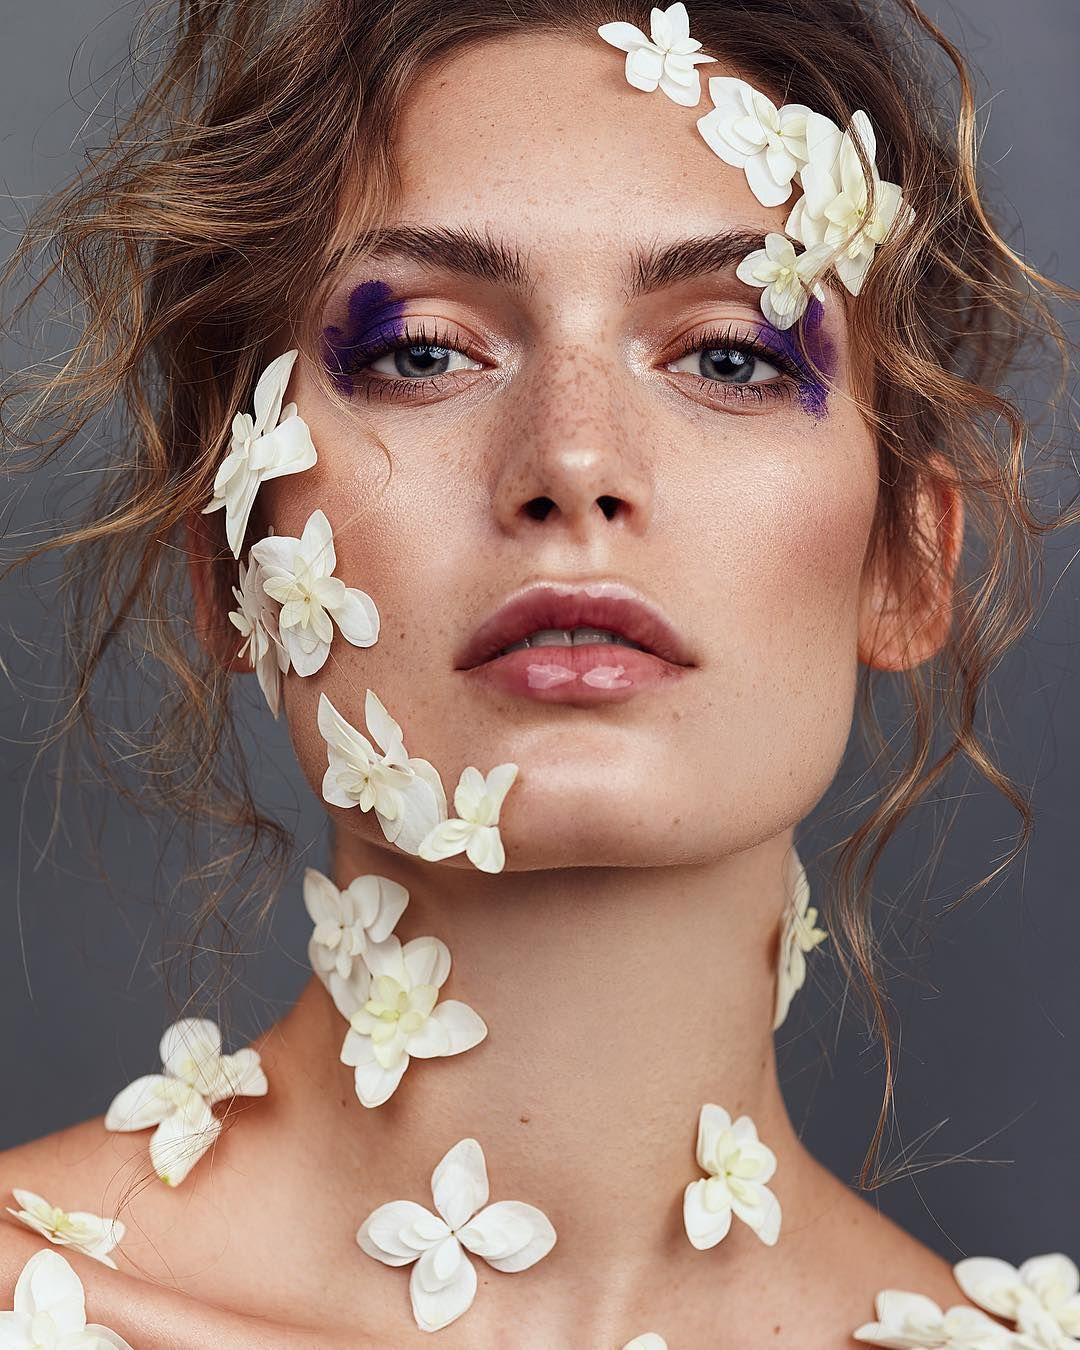 Pin By Princie On Makeup Flower Makeup Photoshoot Makeup